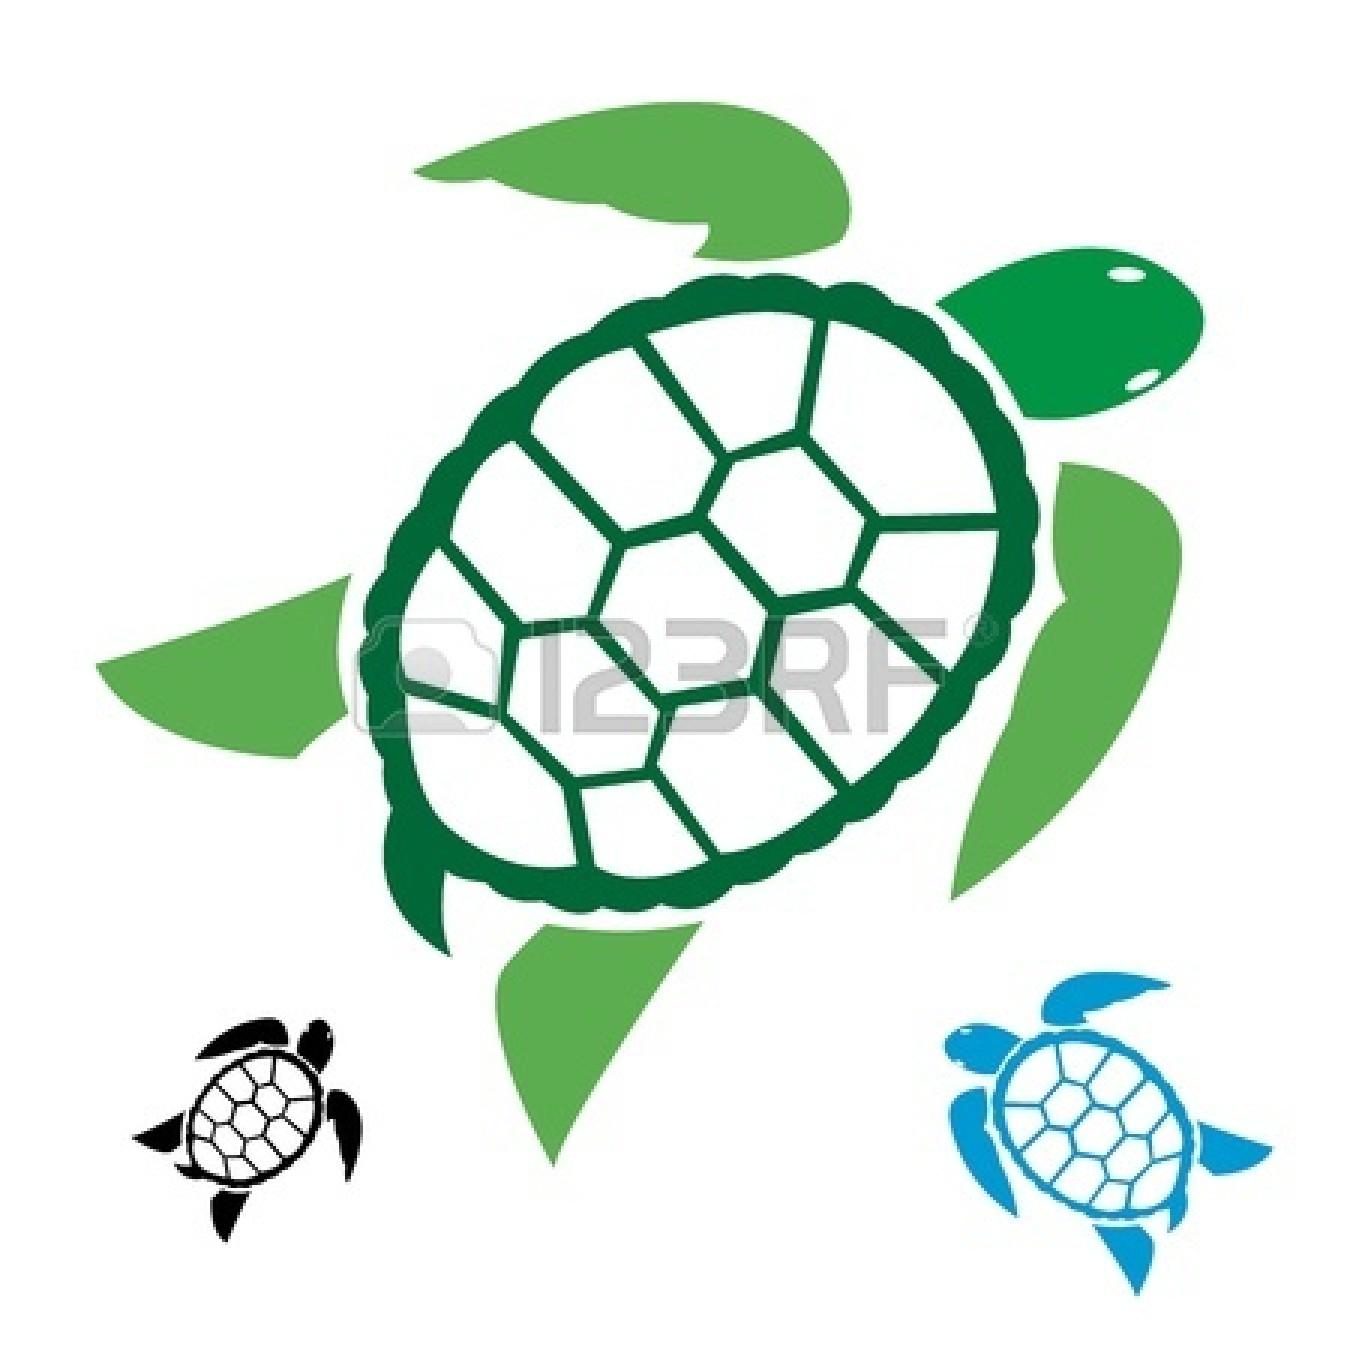 Sea Turtle clipart Black sea%20turtle%20clipart%20black%20and%20white Clipart Clipart White